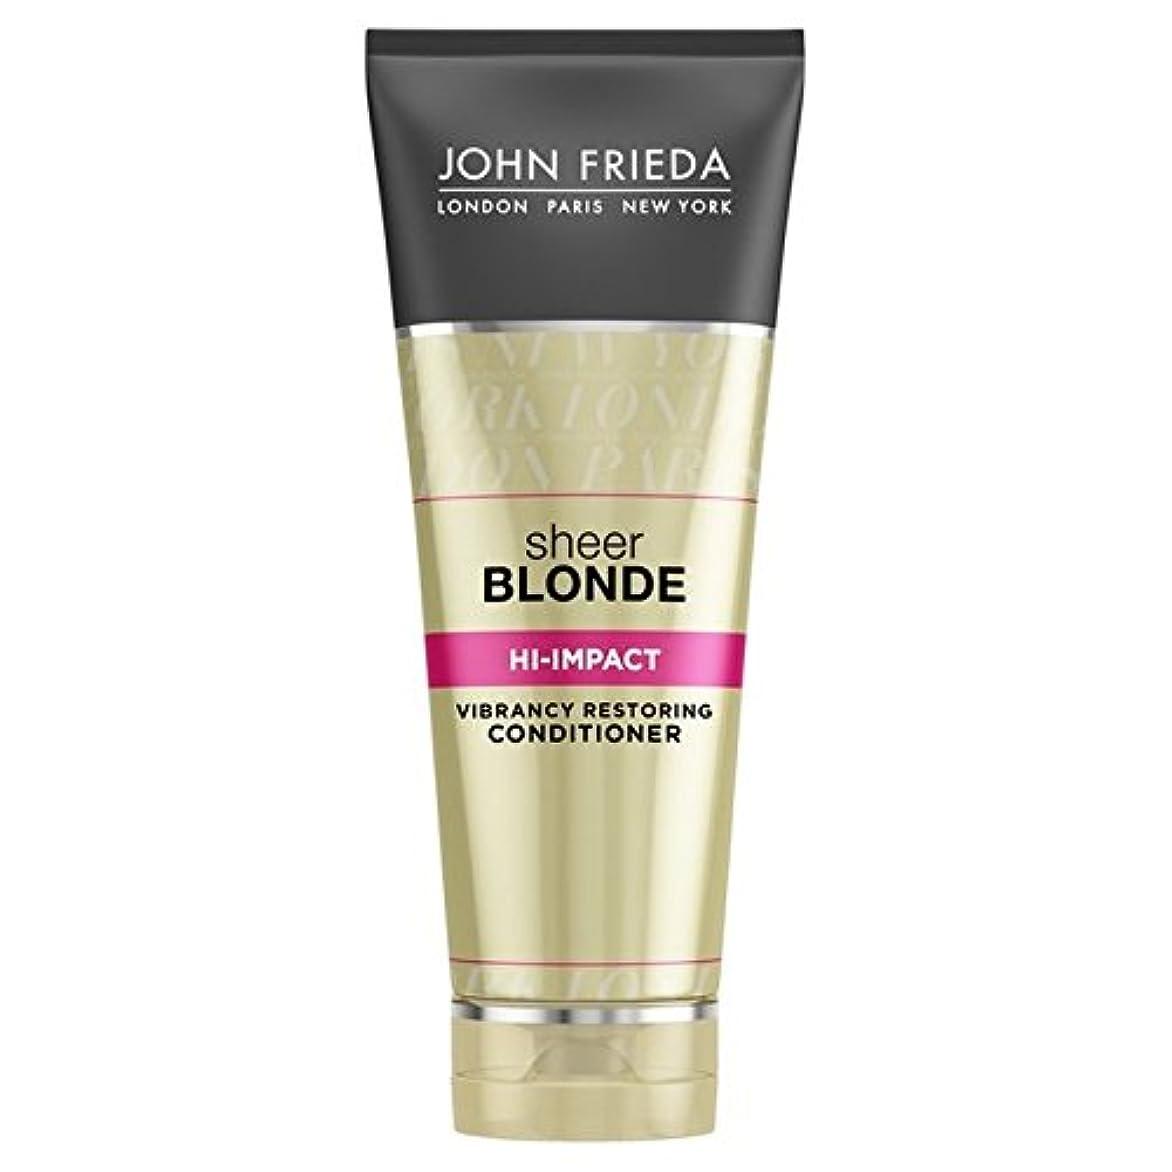 五月セールスマン打たれたトラックジョン?フリーダ膨大なブロンドハイインパクトコンディショナー250 x4 - John Frieda Sheer Blonde Hi Impact Conditioner 250ml (Pack of 4) [並行輸入品]